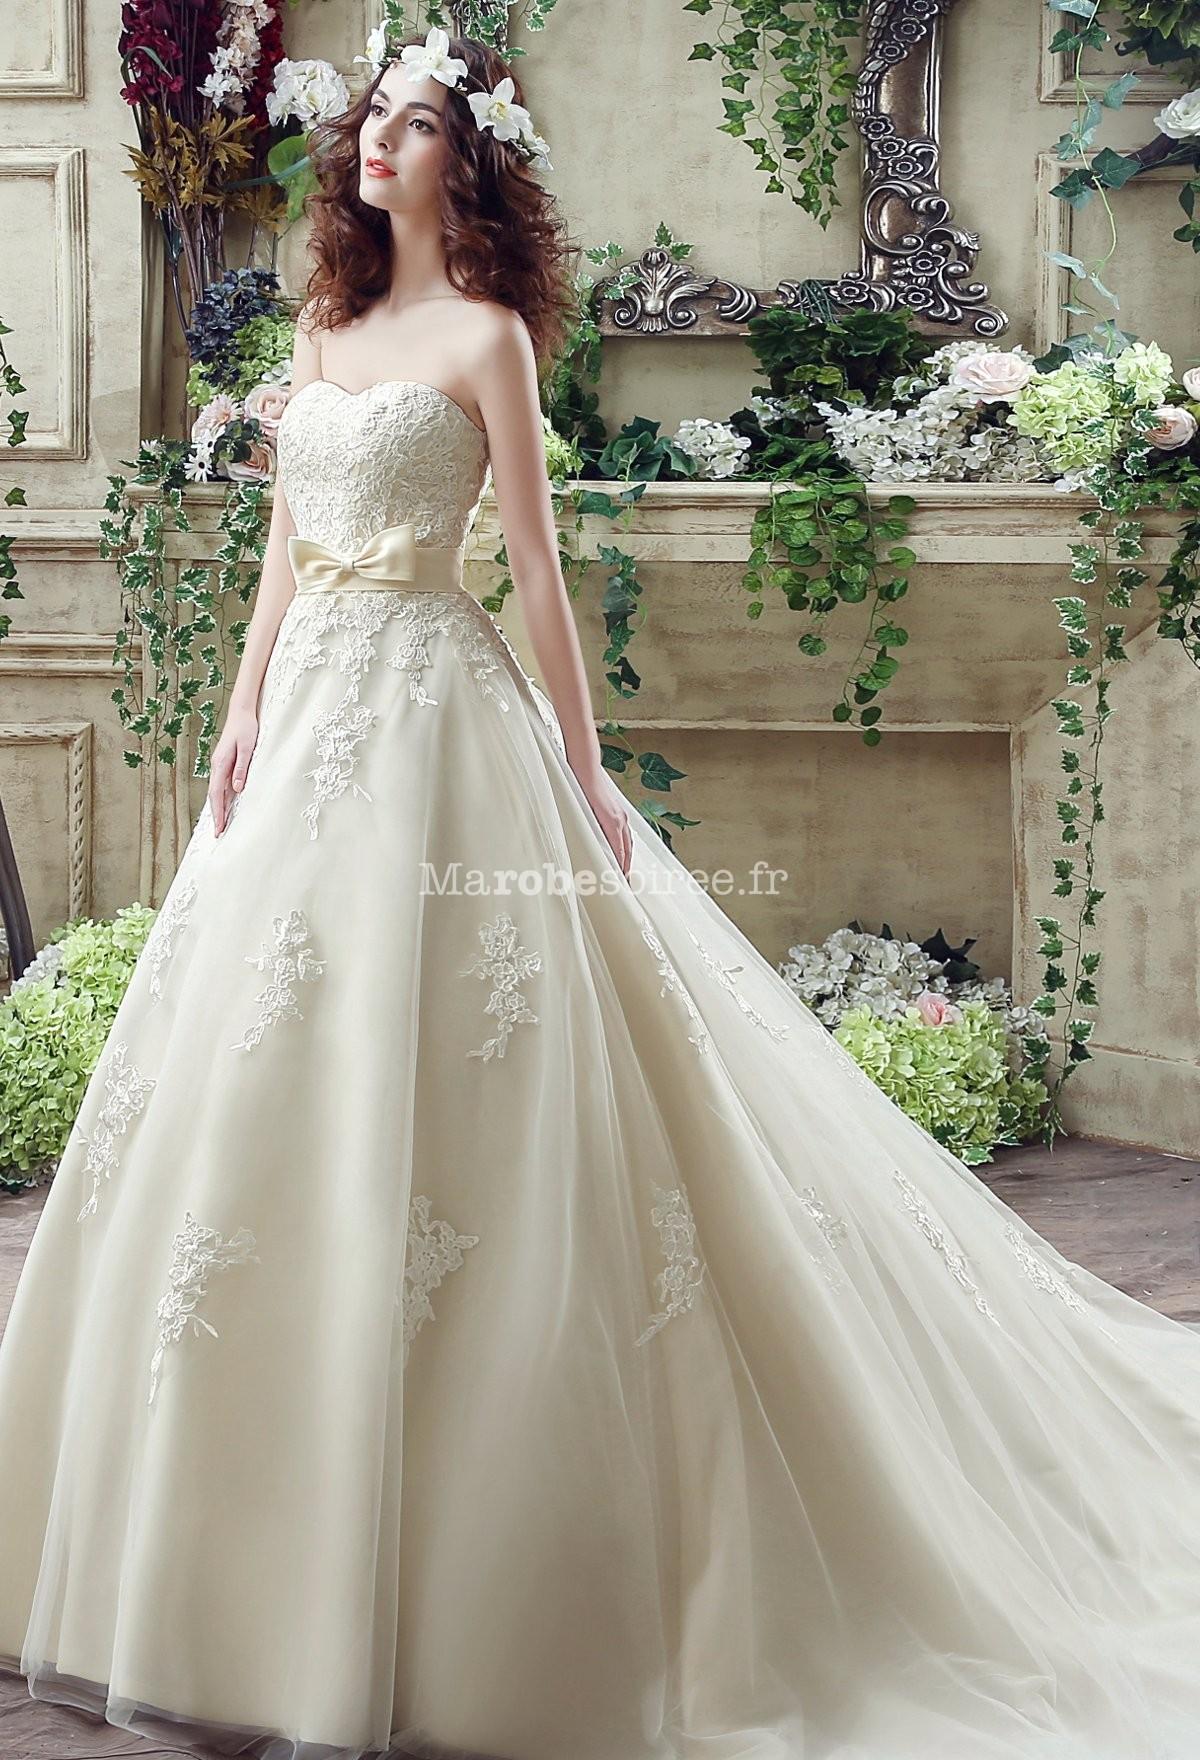 Robe de mari e princesse bustier dentelle for Robe de mariage